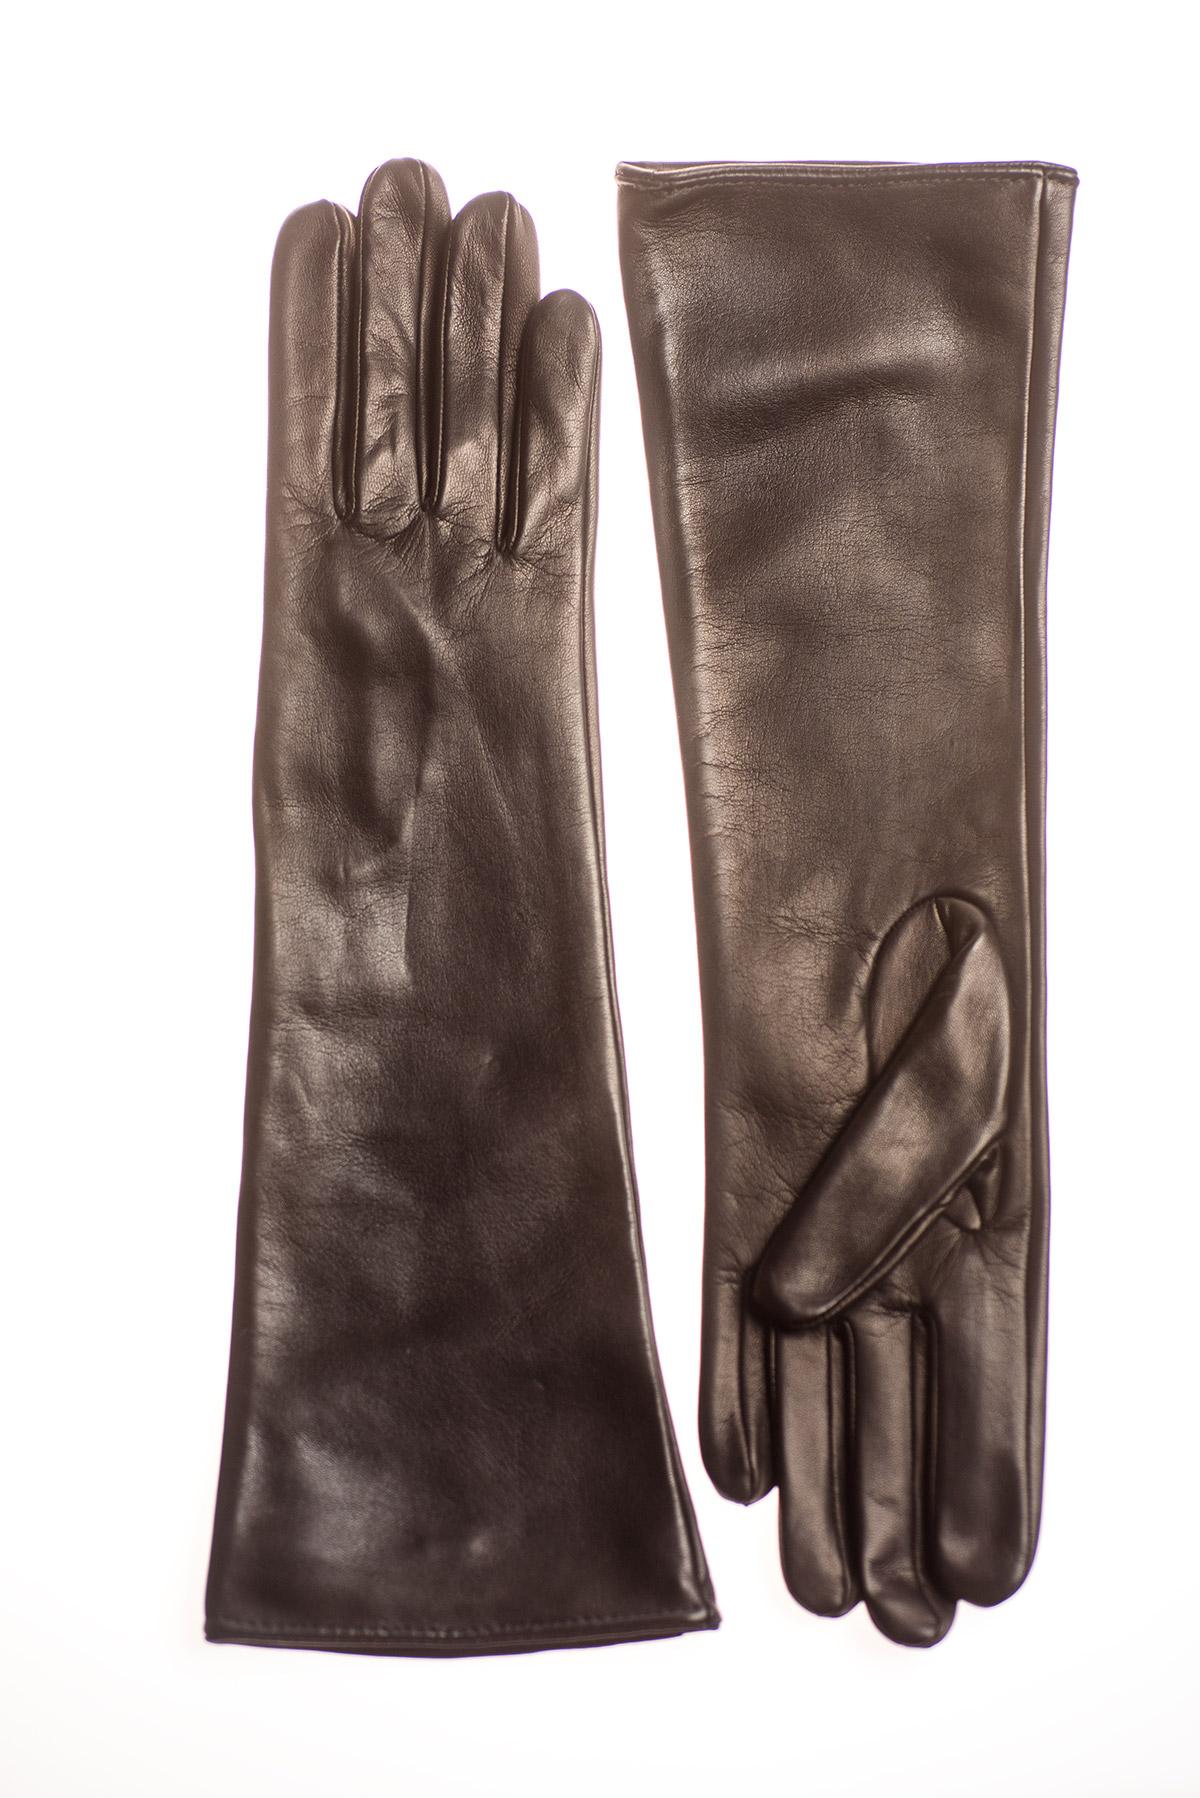 Mănuși de damă lungi, din piele naturală M102 thumbnail